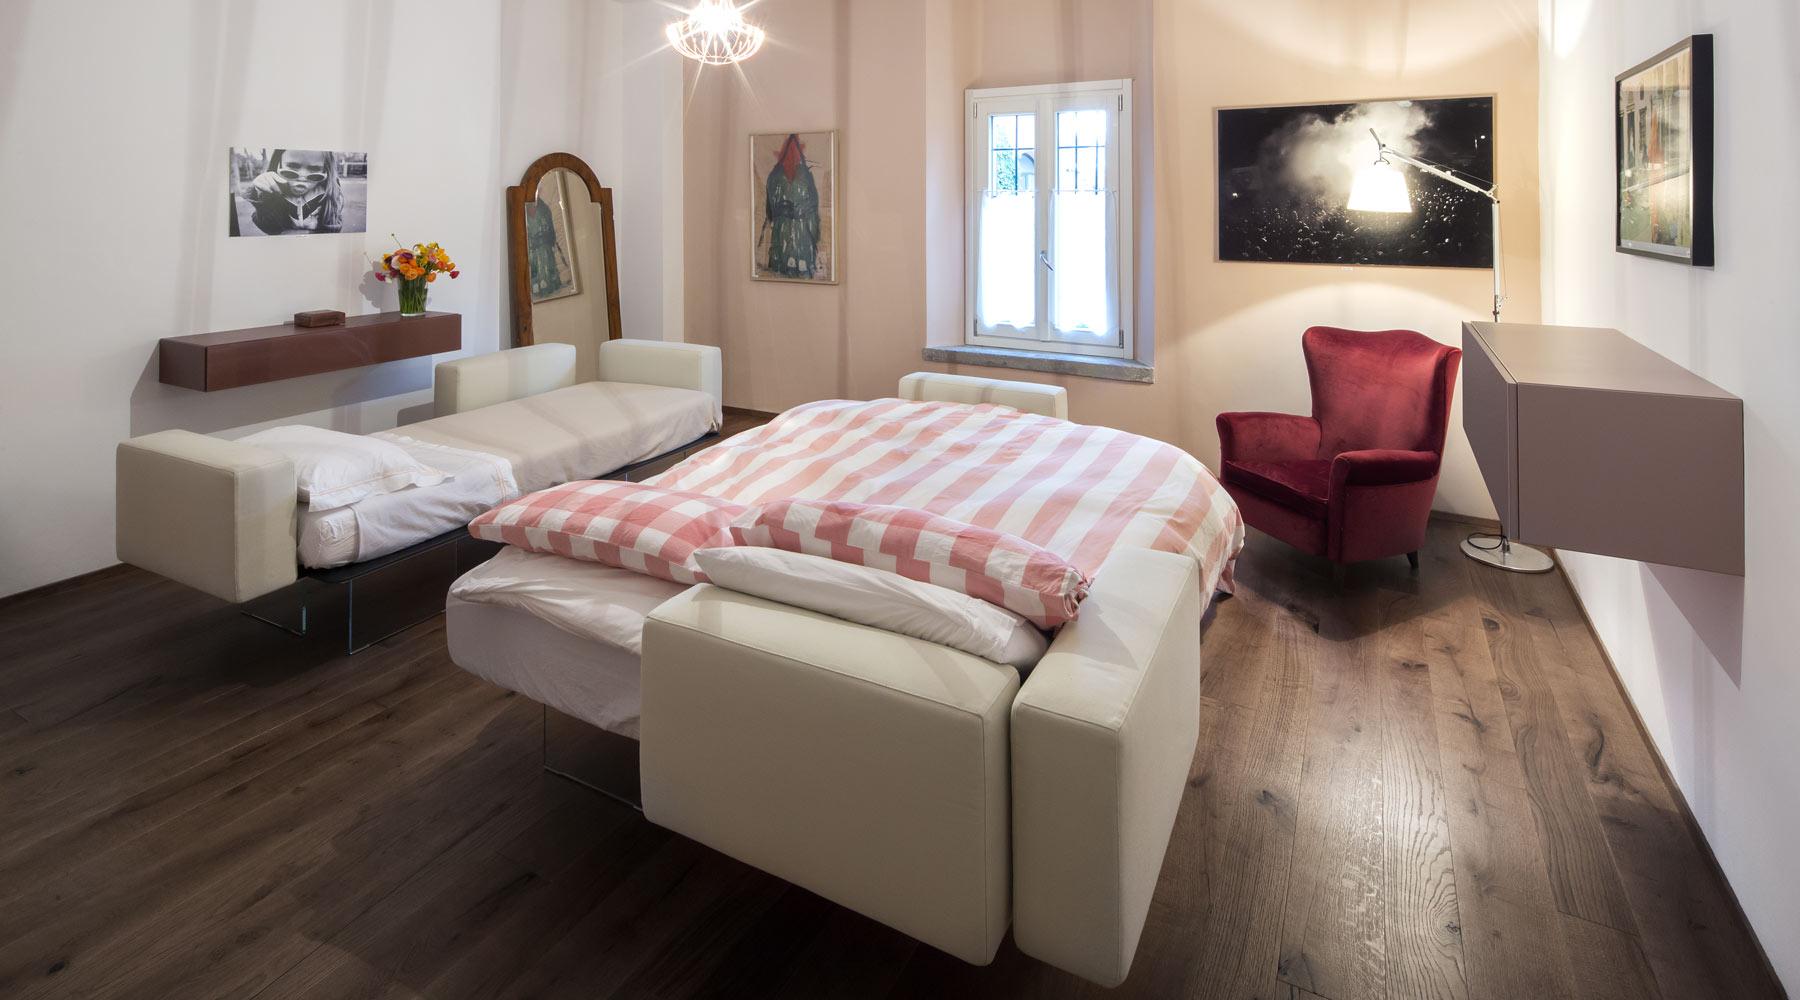 lago-welcome-nel-verde-divani-air-camera-da-letto